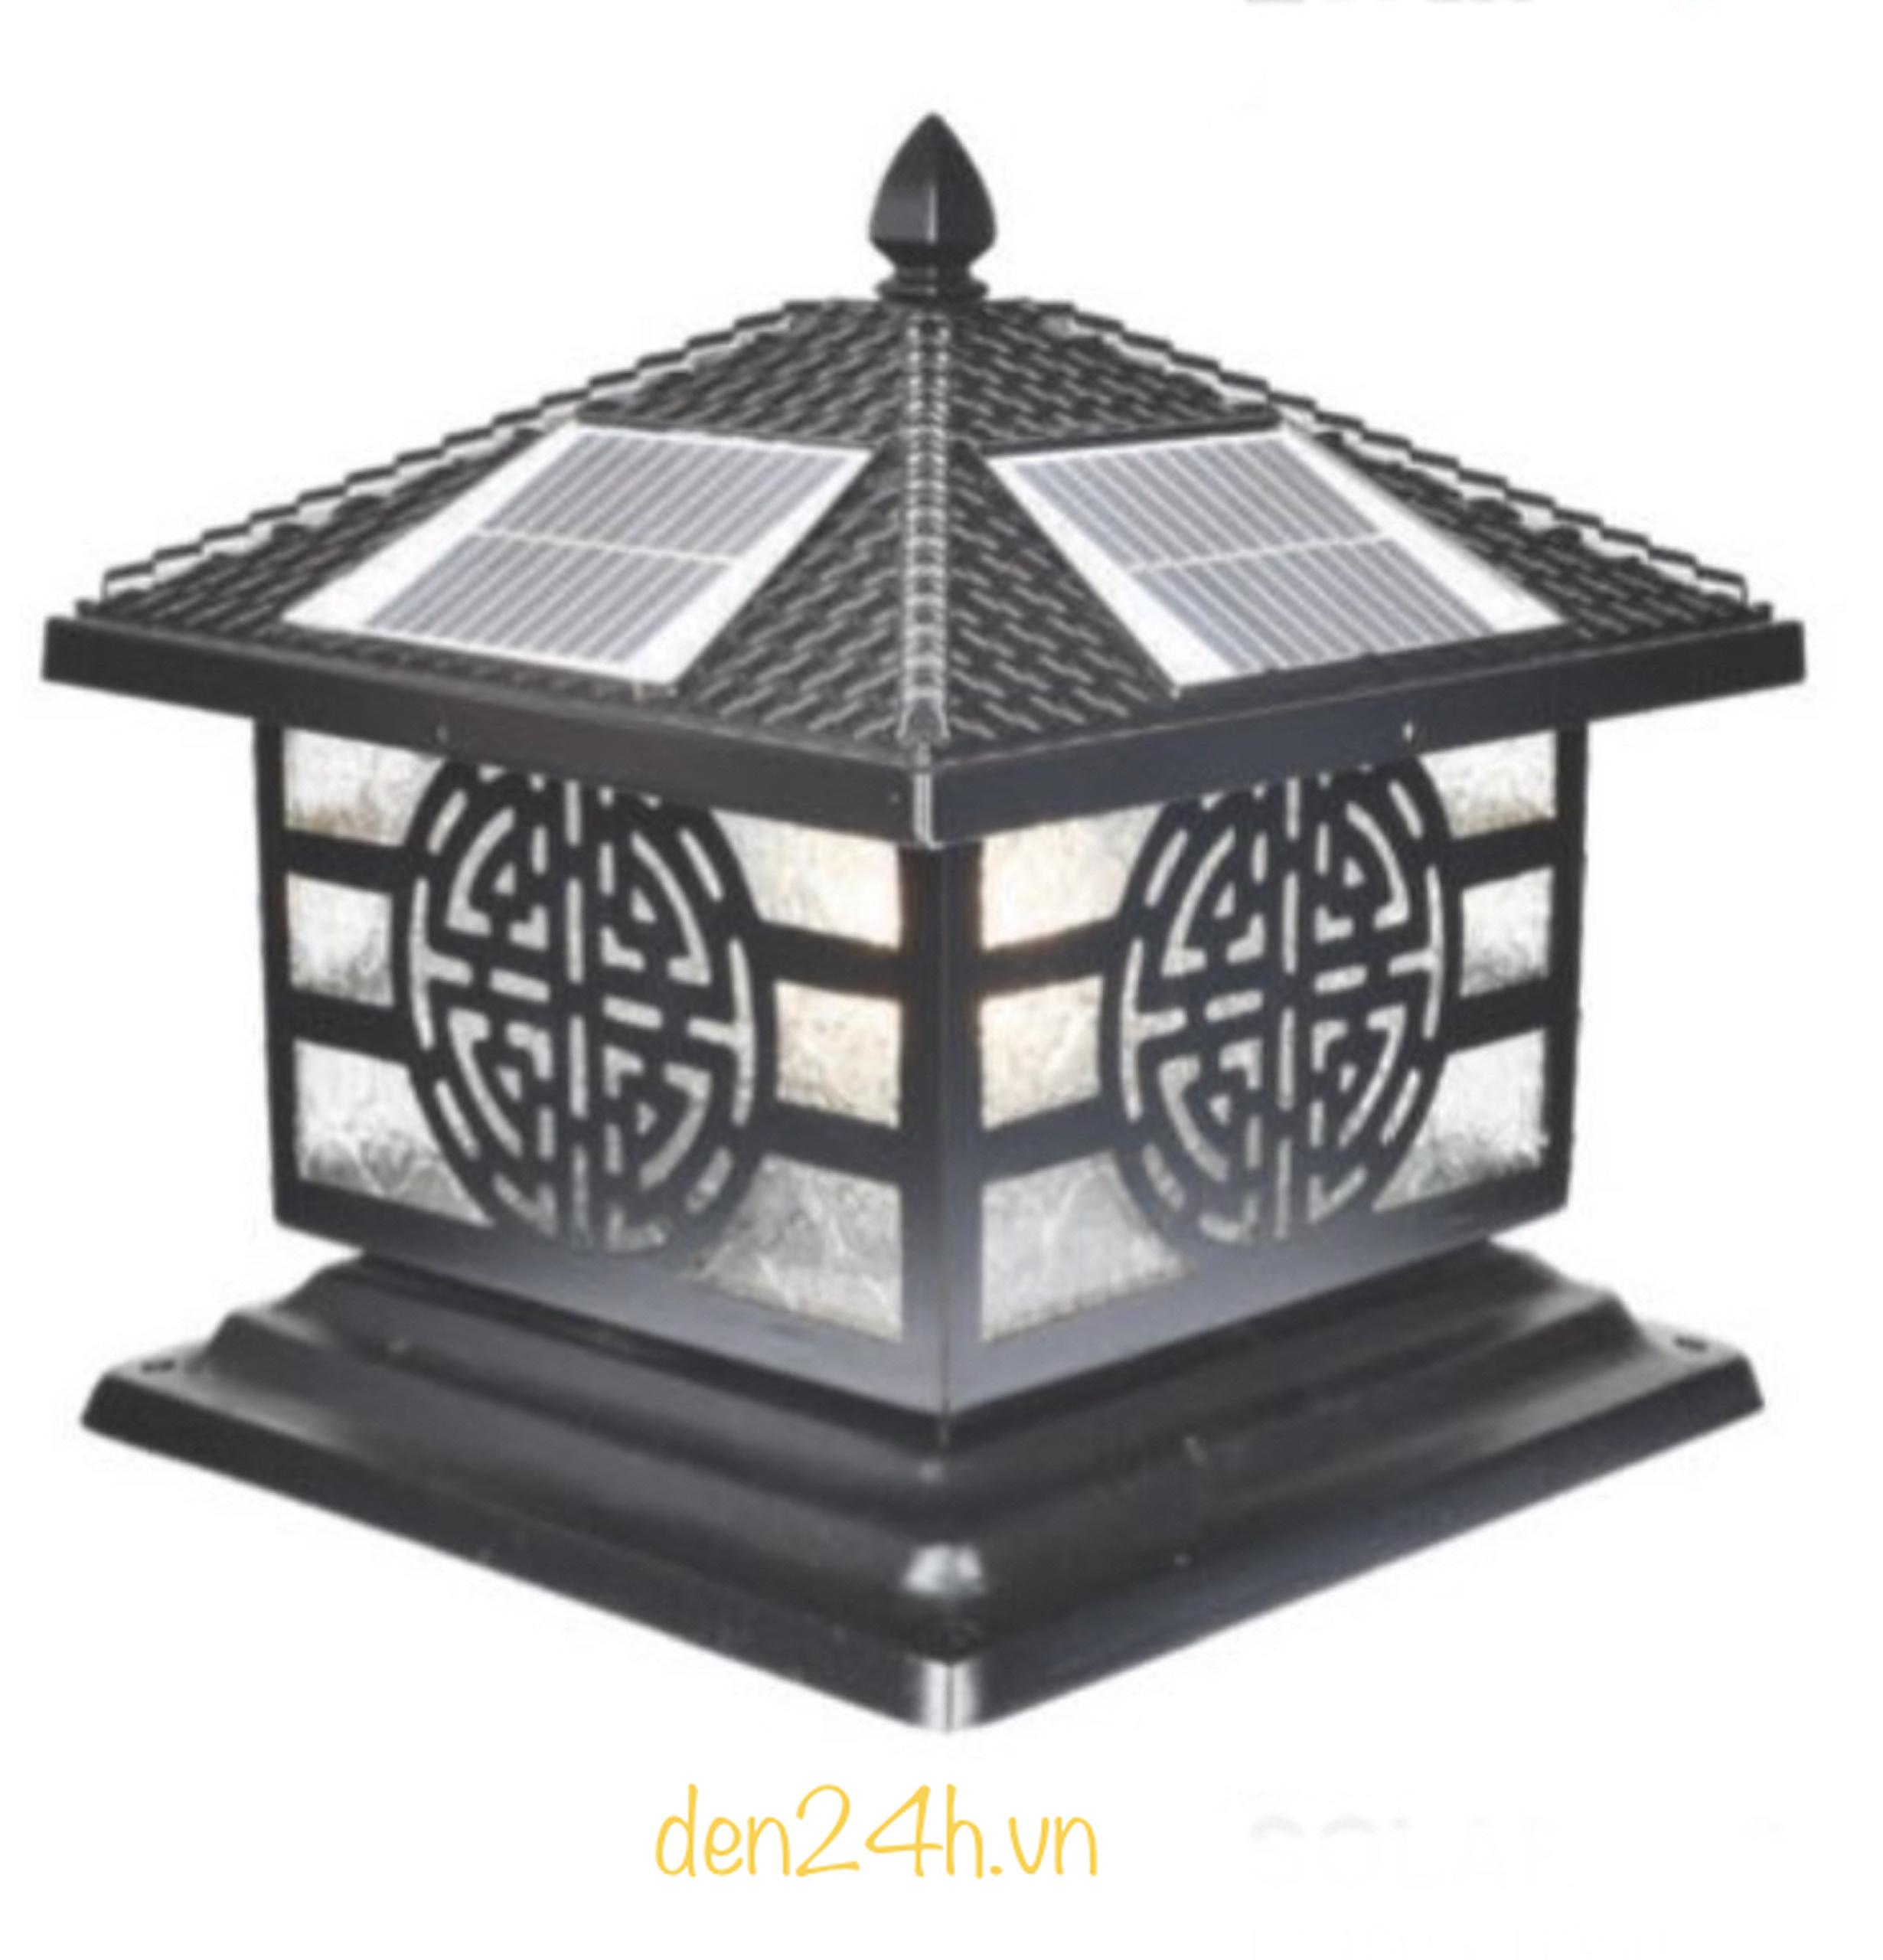 Đèn trụ cổng năng lượng mặt trời CT1 Solar-32  L400xH350